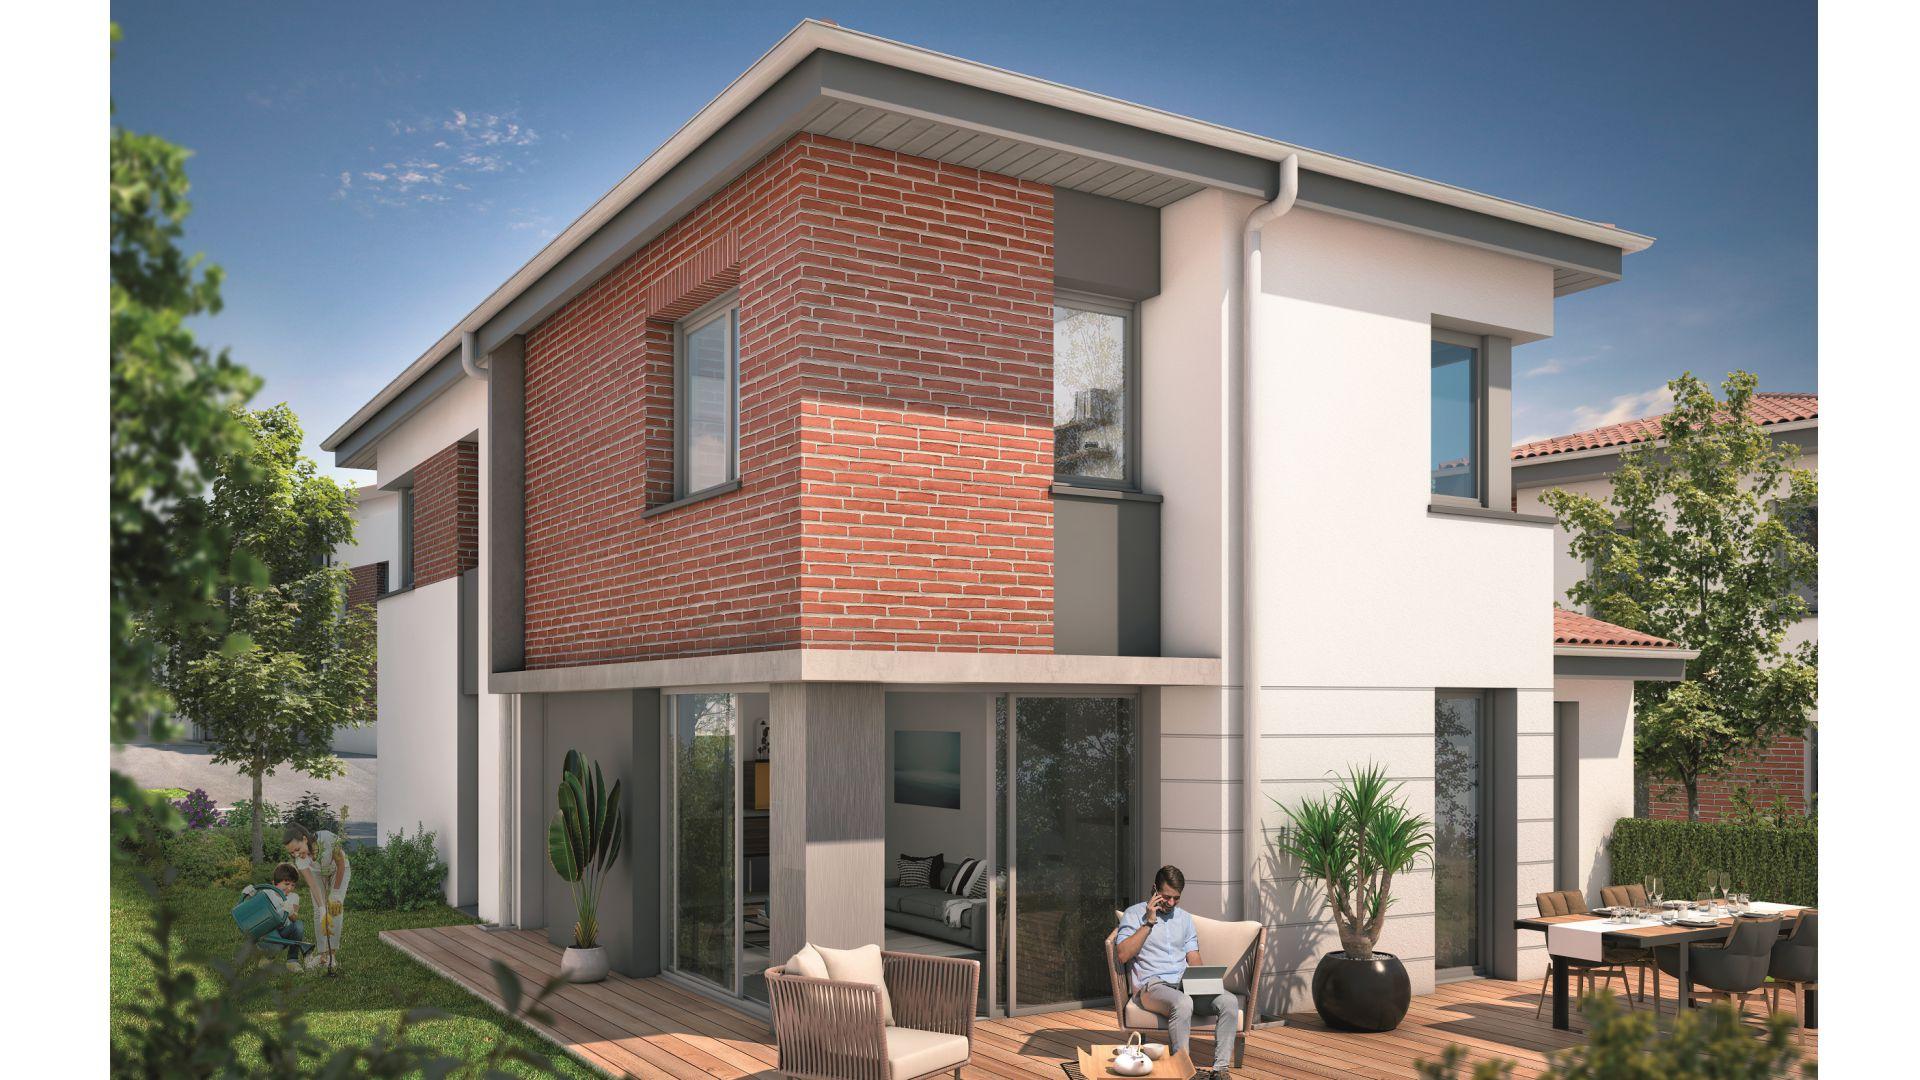 Greencity Immobilier - Villas Valéria   - 31320 Auzeville - Villas 2 neuves T6 - appartements neufs T2-T3